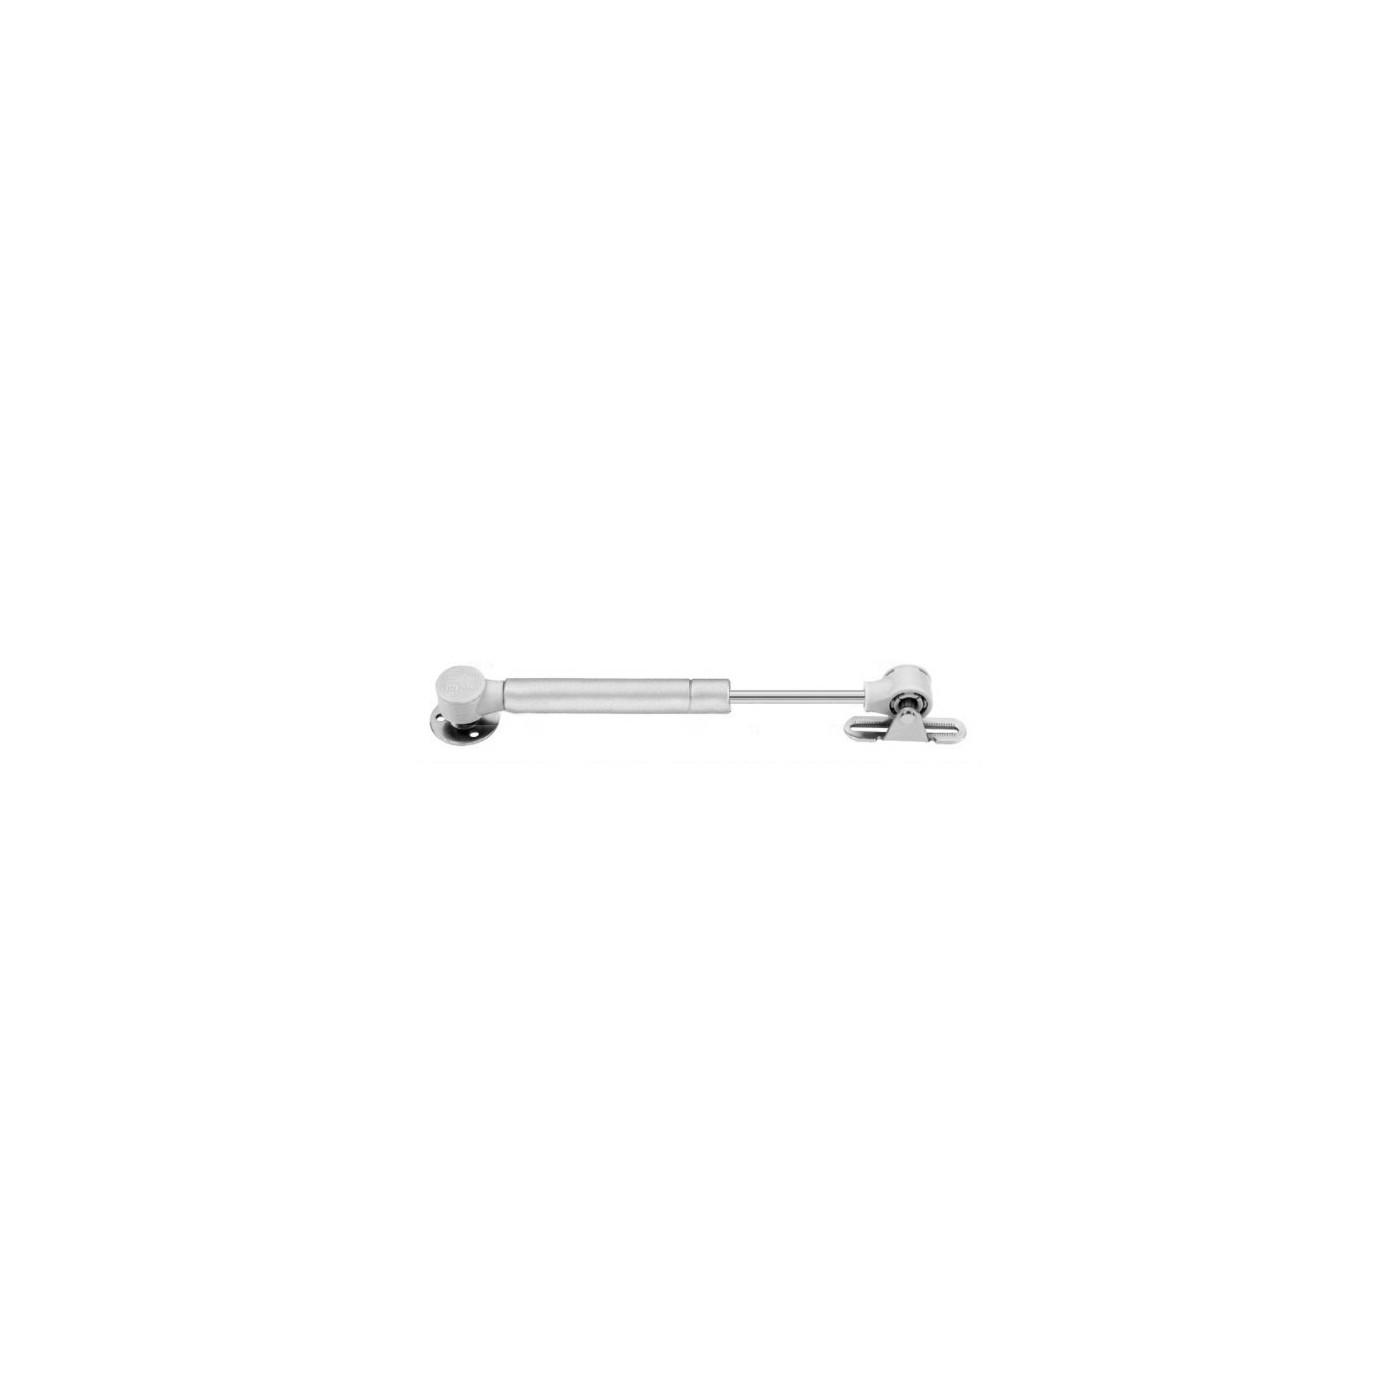 Universelle Gasfeder mit Halterungen (50N/5kg, 172 mm, Silber)  - 1